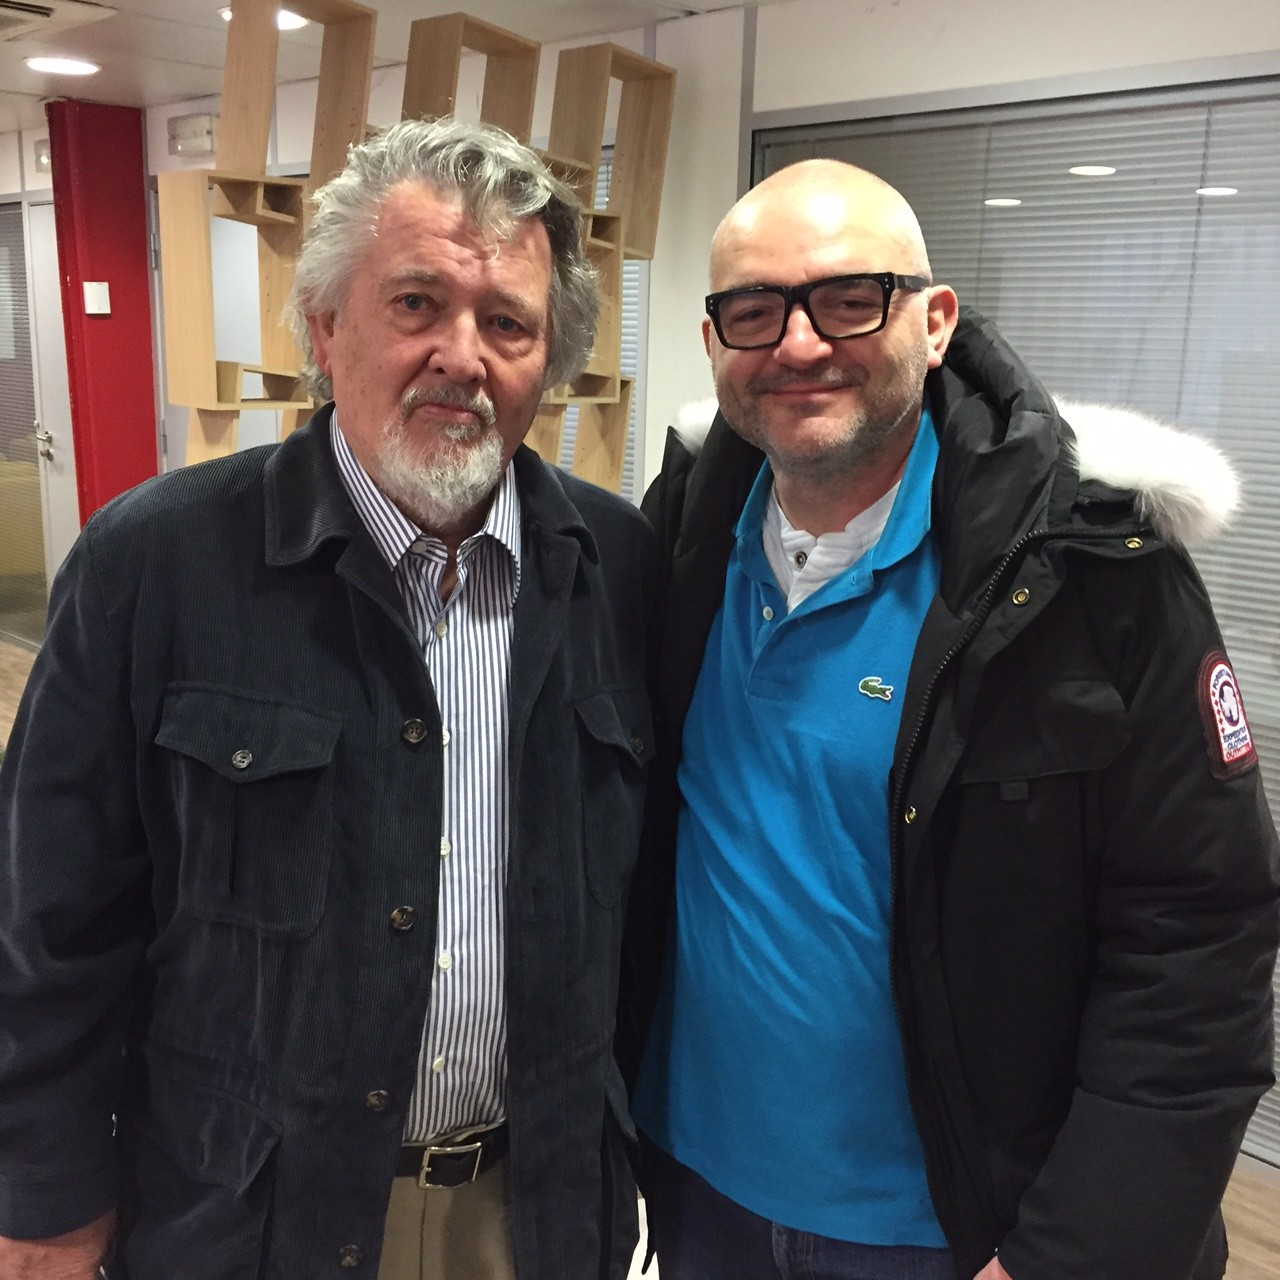 Walter Hill et Matz au Salon du Livre de Paris le 18 mars 2016